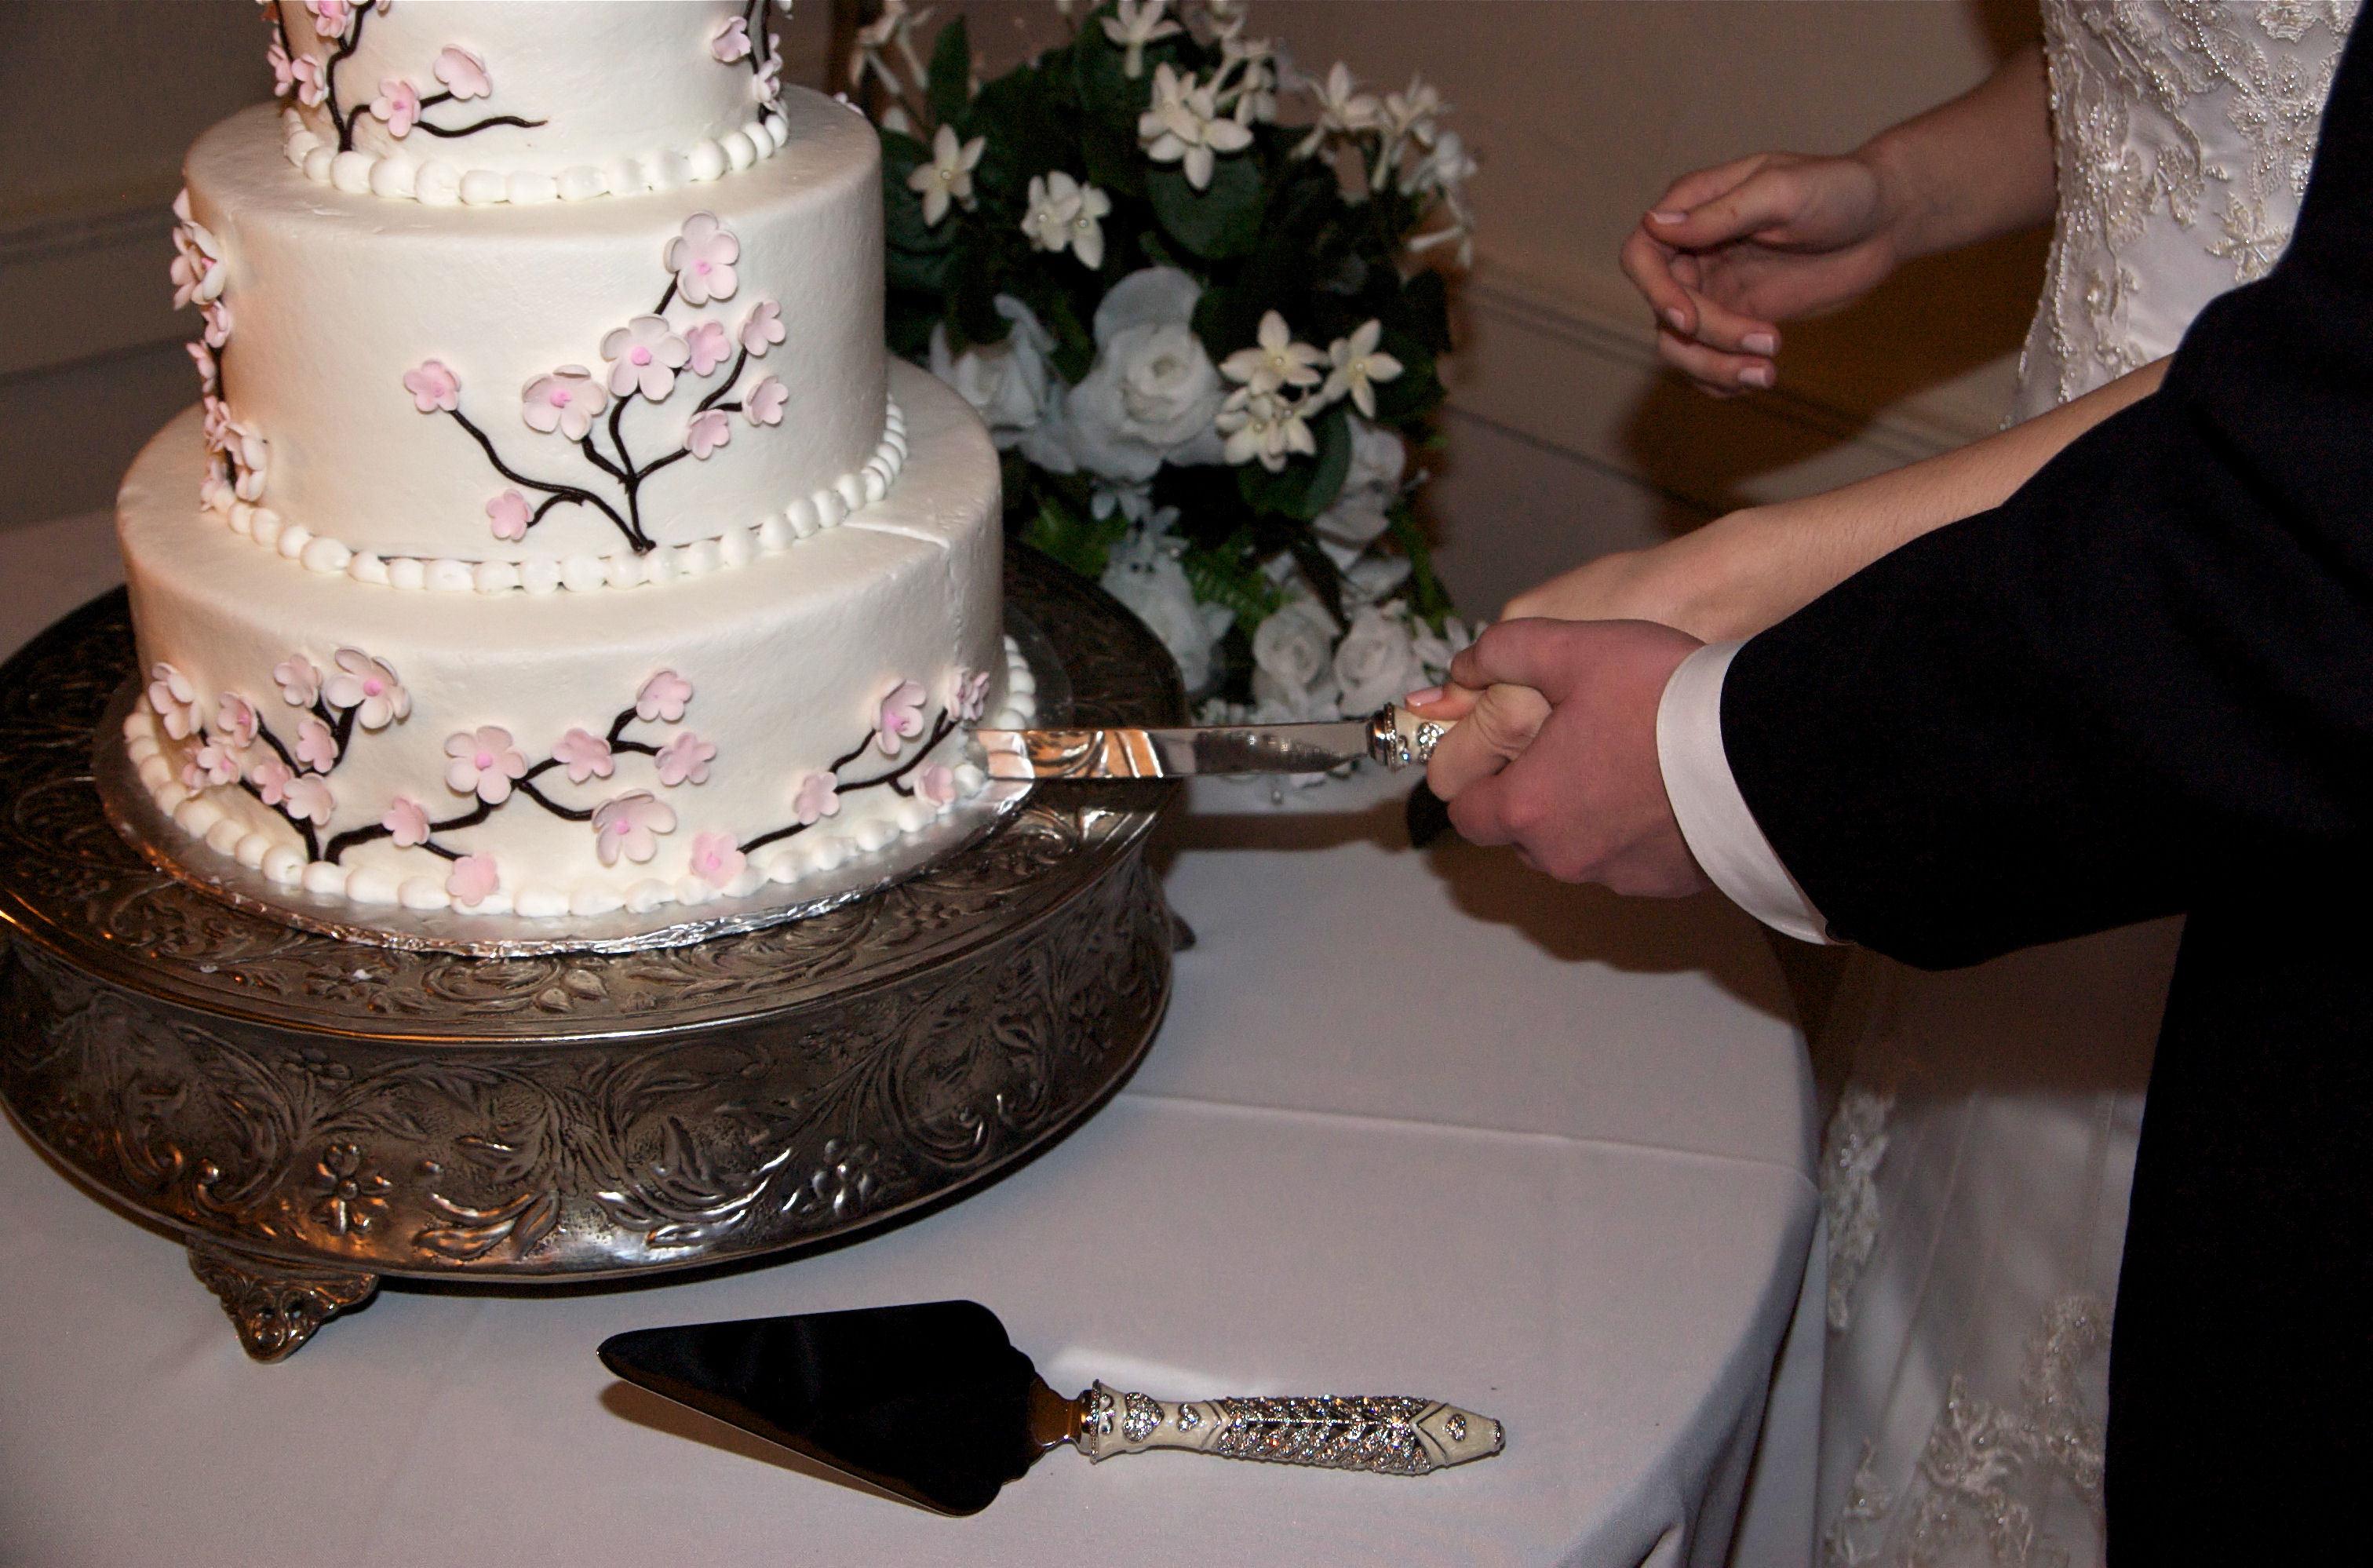 Cakes, pink, cake, Cutting